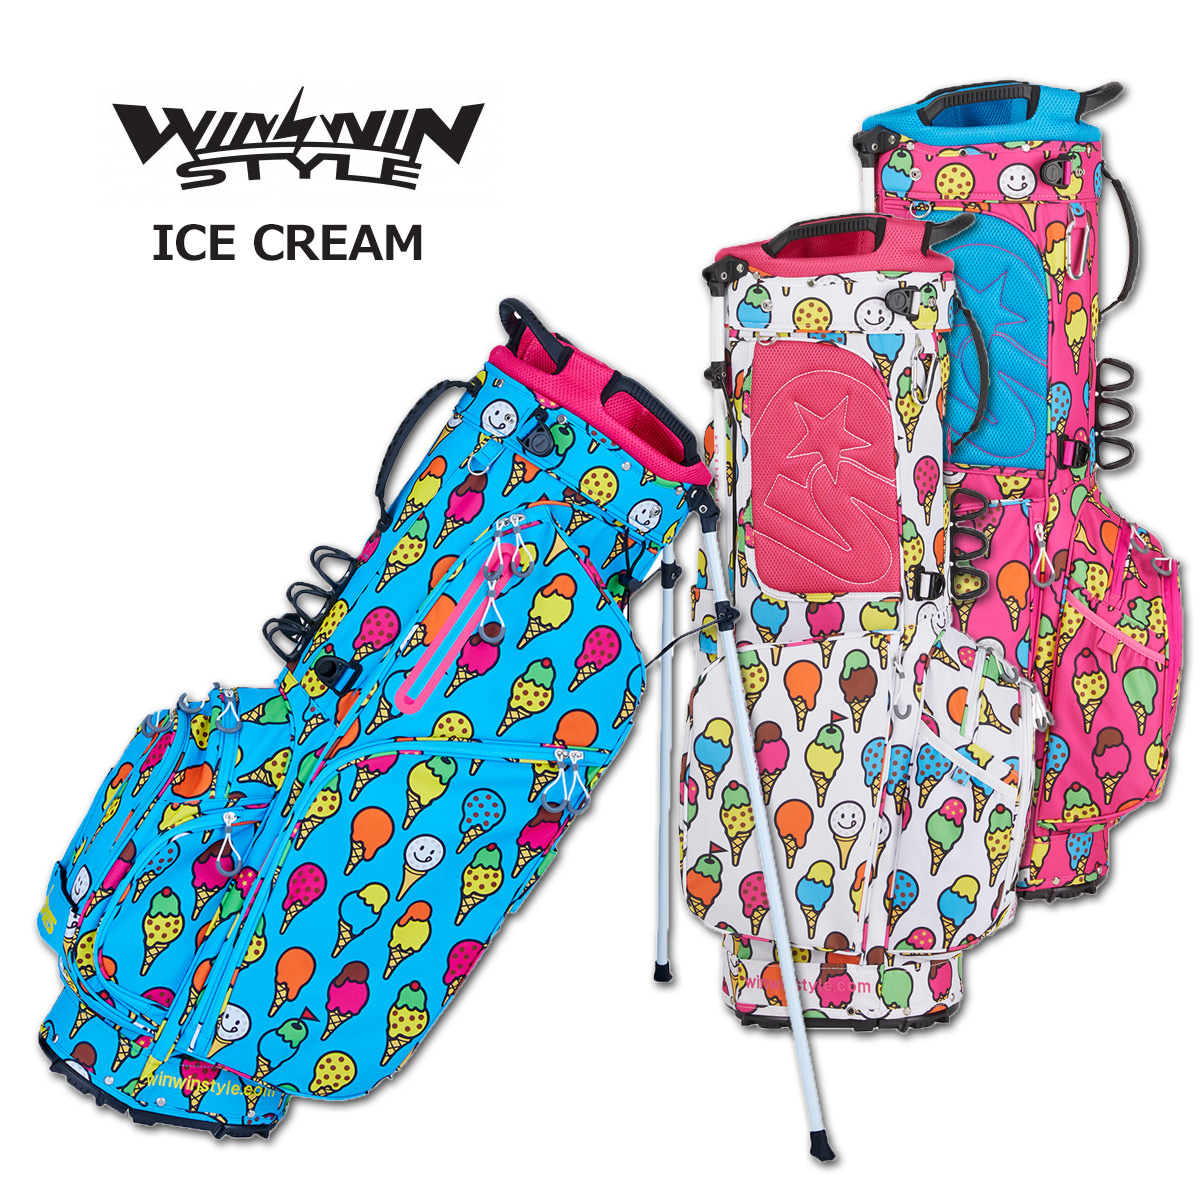 ウィンウィンスタイル キャディバッグ スタンド式 レディース 白 青 ピンク cb-946cb-947cb-948【 あす楽 送料無料 】 [ WINWIN STYLE ゴルフ 9インチ ICE CREAM LIGHT WEIGHT STAND BAG レア プレゼント ウィンウィン おしゃれ 限定 キャディーバッグ 軽量 ]